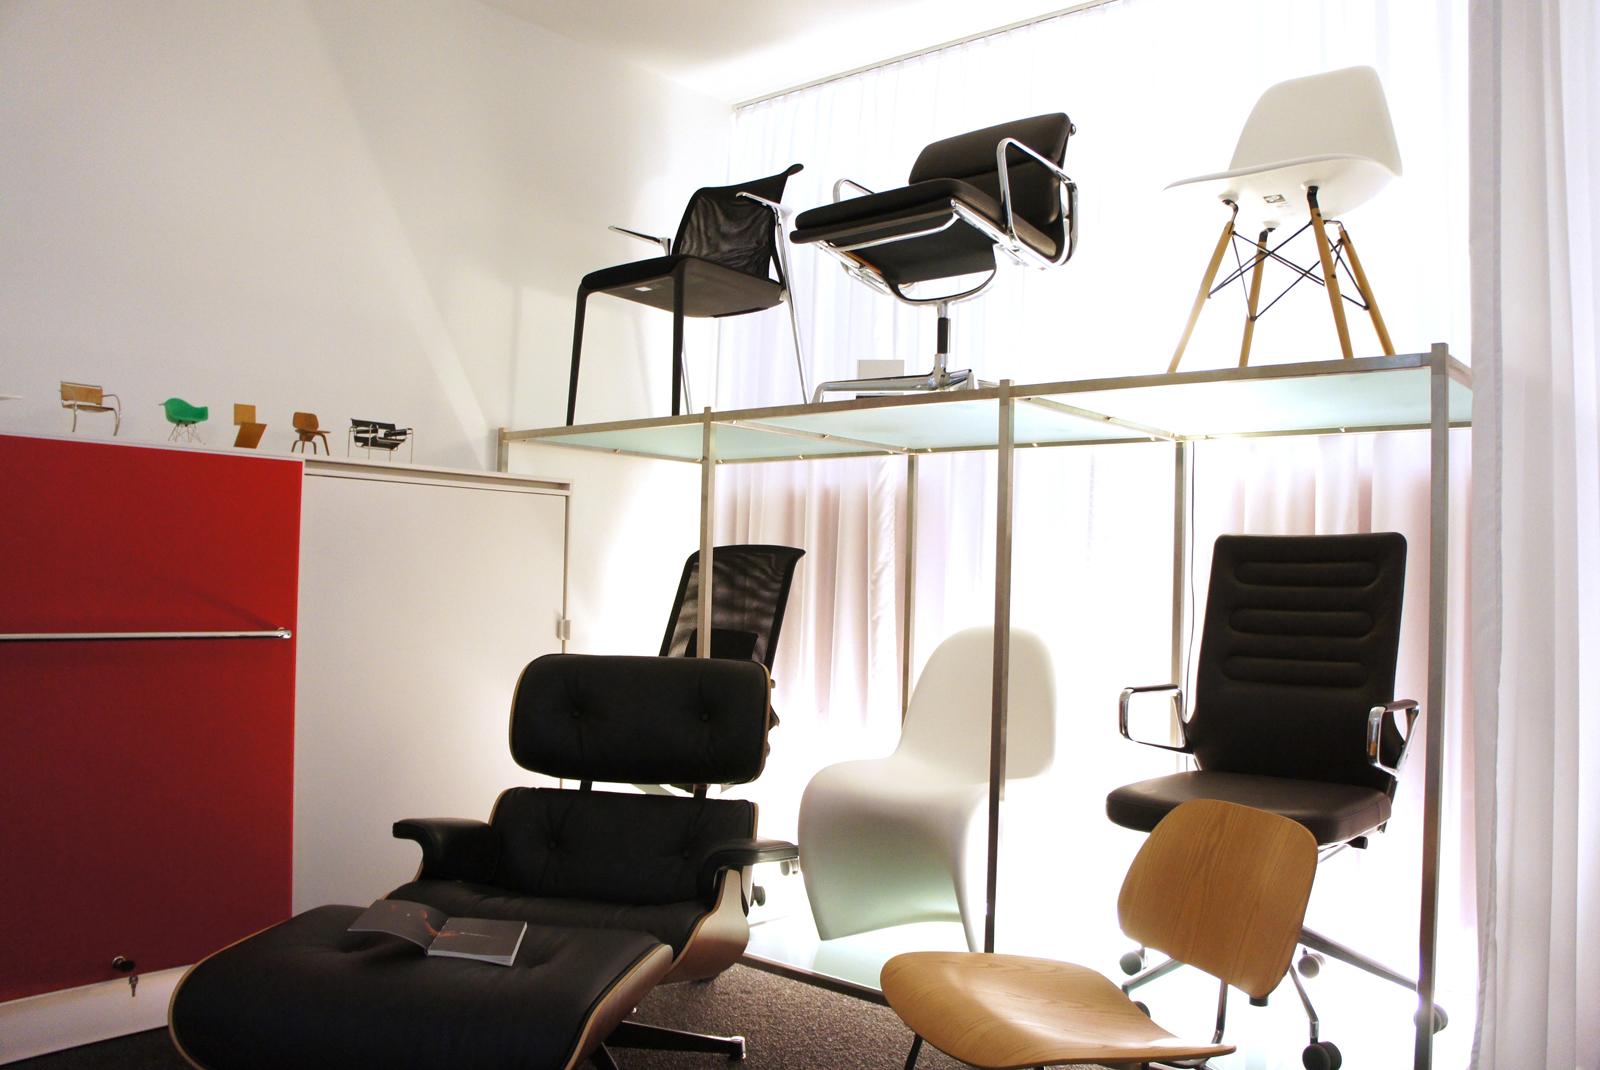 schmelzenbach+leimgruber interior architects, Innenarchitektur ideen